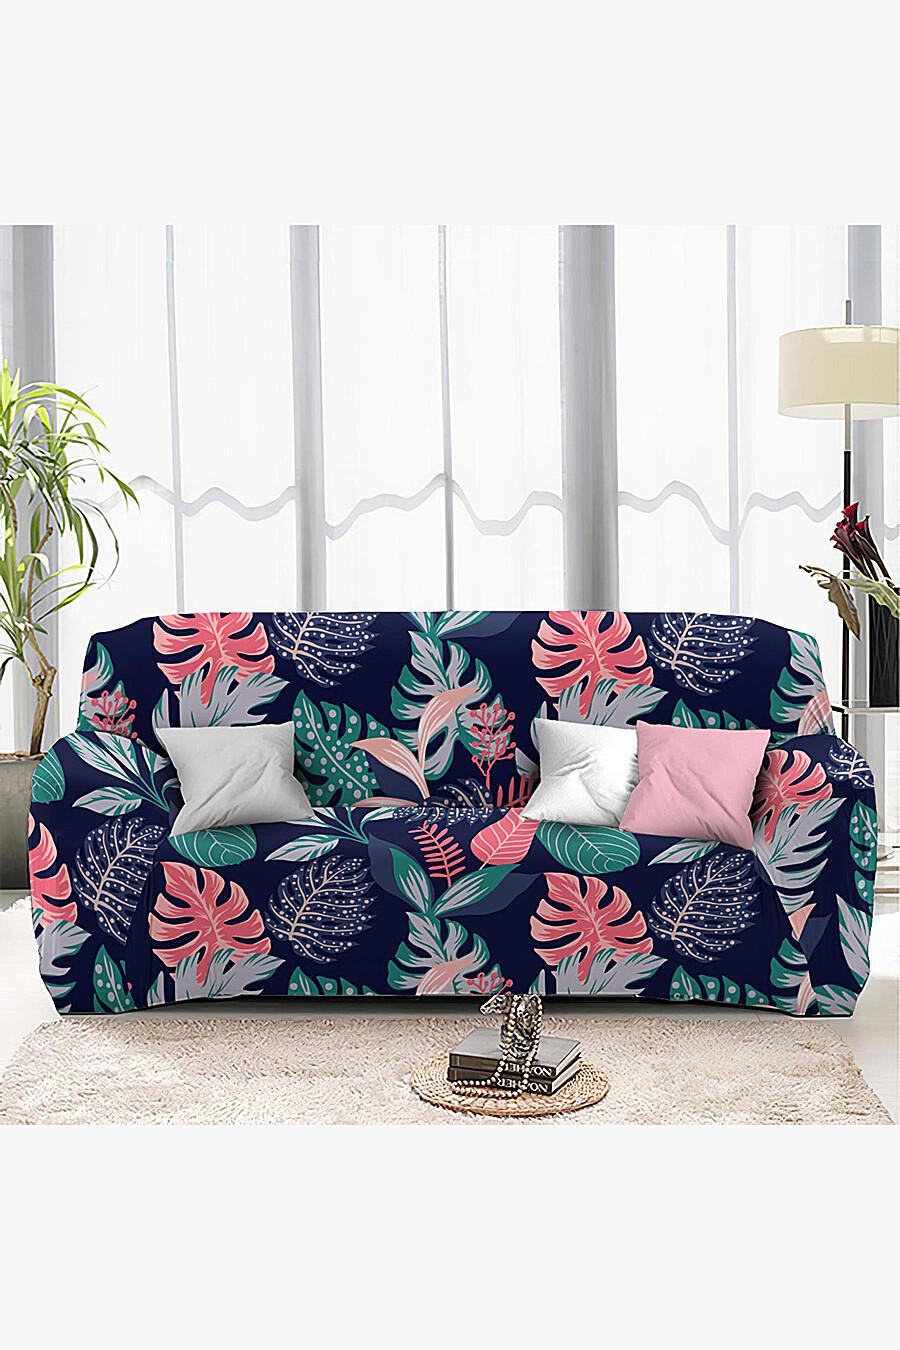 Чехол на диван для дома ART HOME TEXTILE 162993 купить оптом от производителя. Совместная покупка товаров для дома в OptMoyo